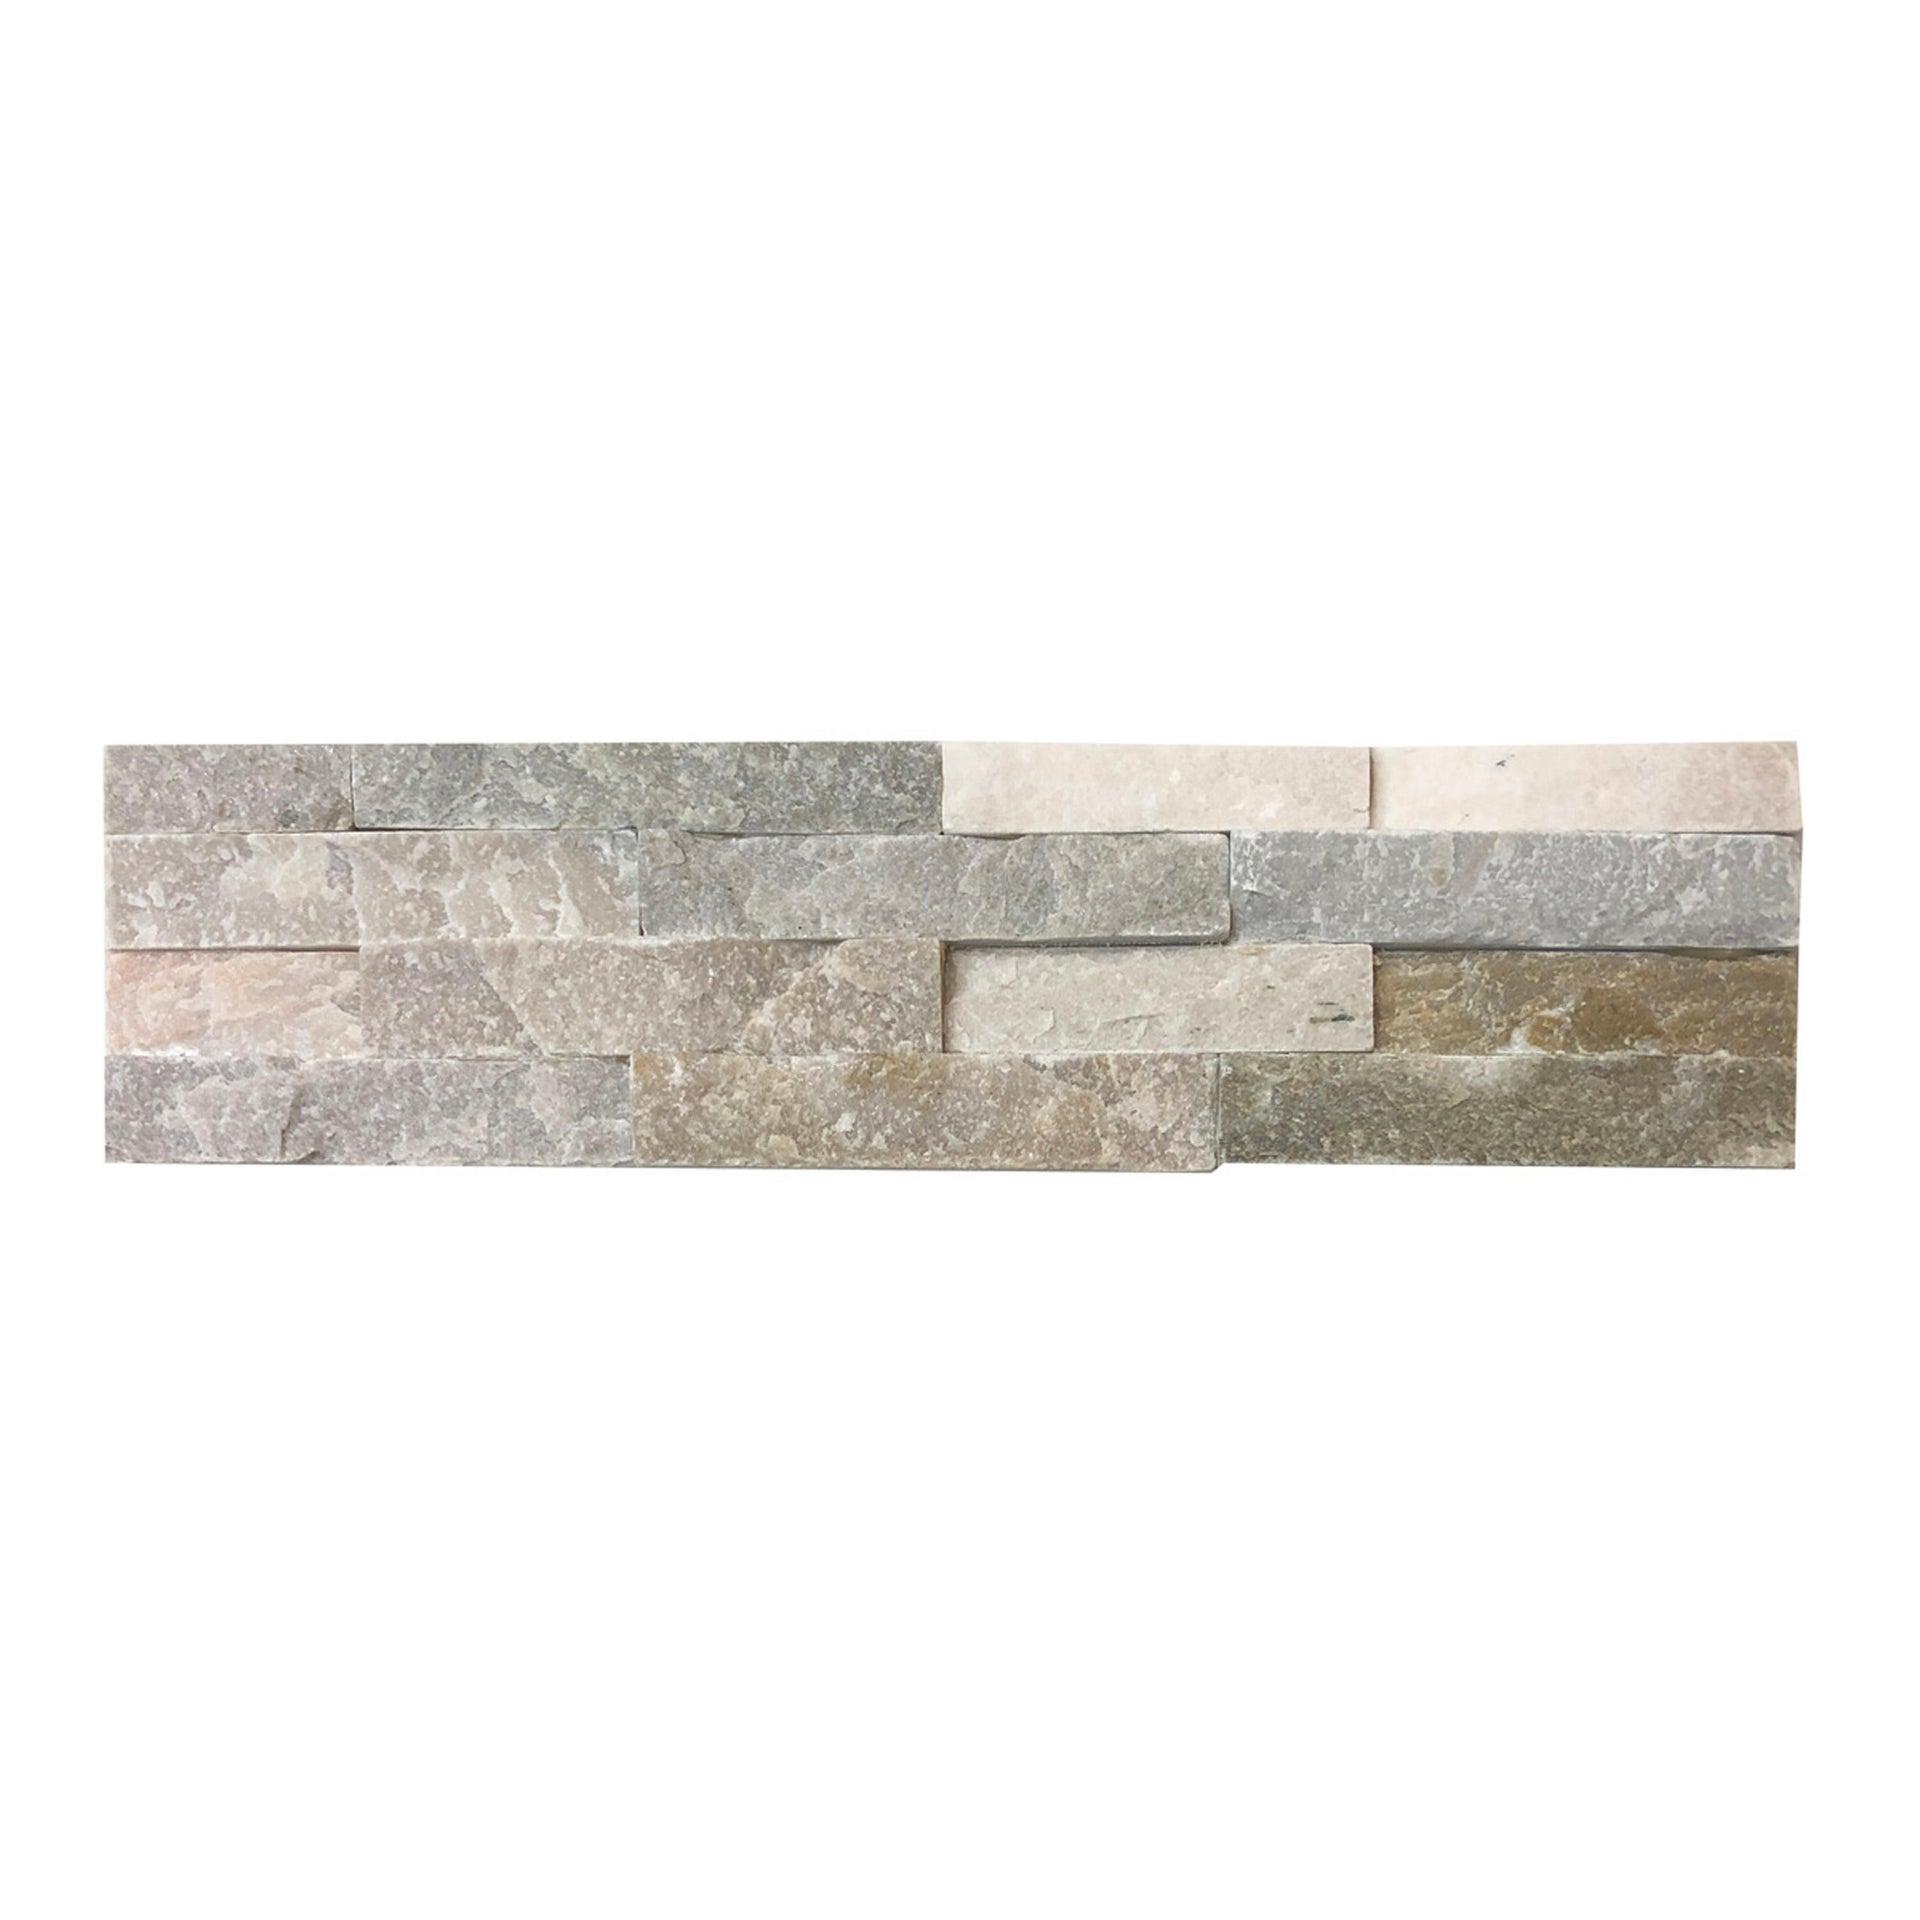 Rivestimento strutturato in pietra naturale Meru L 40 x L 10 cm, Sp 12 mm interno / esterno - 5